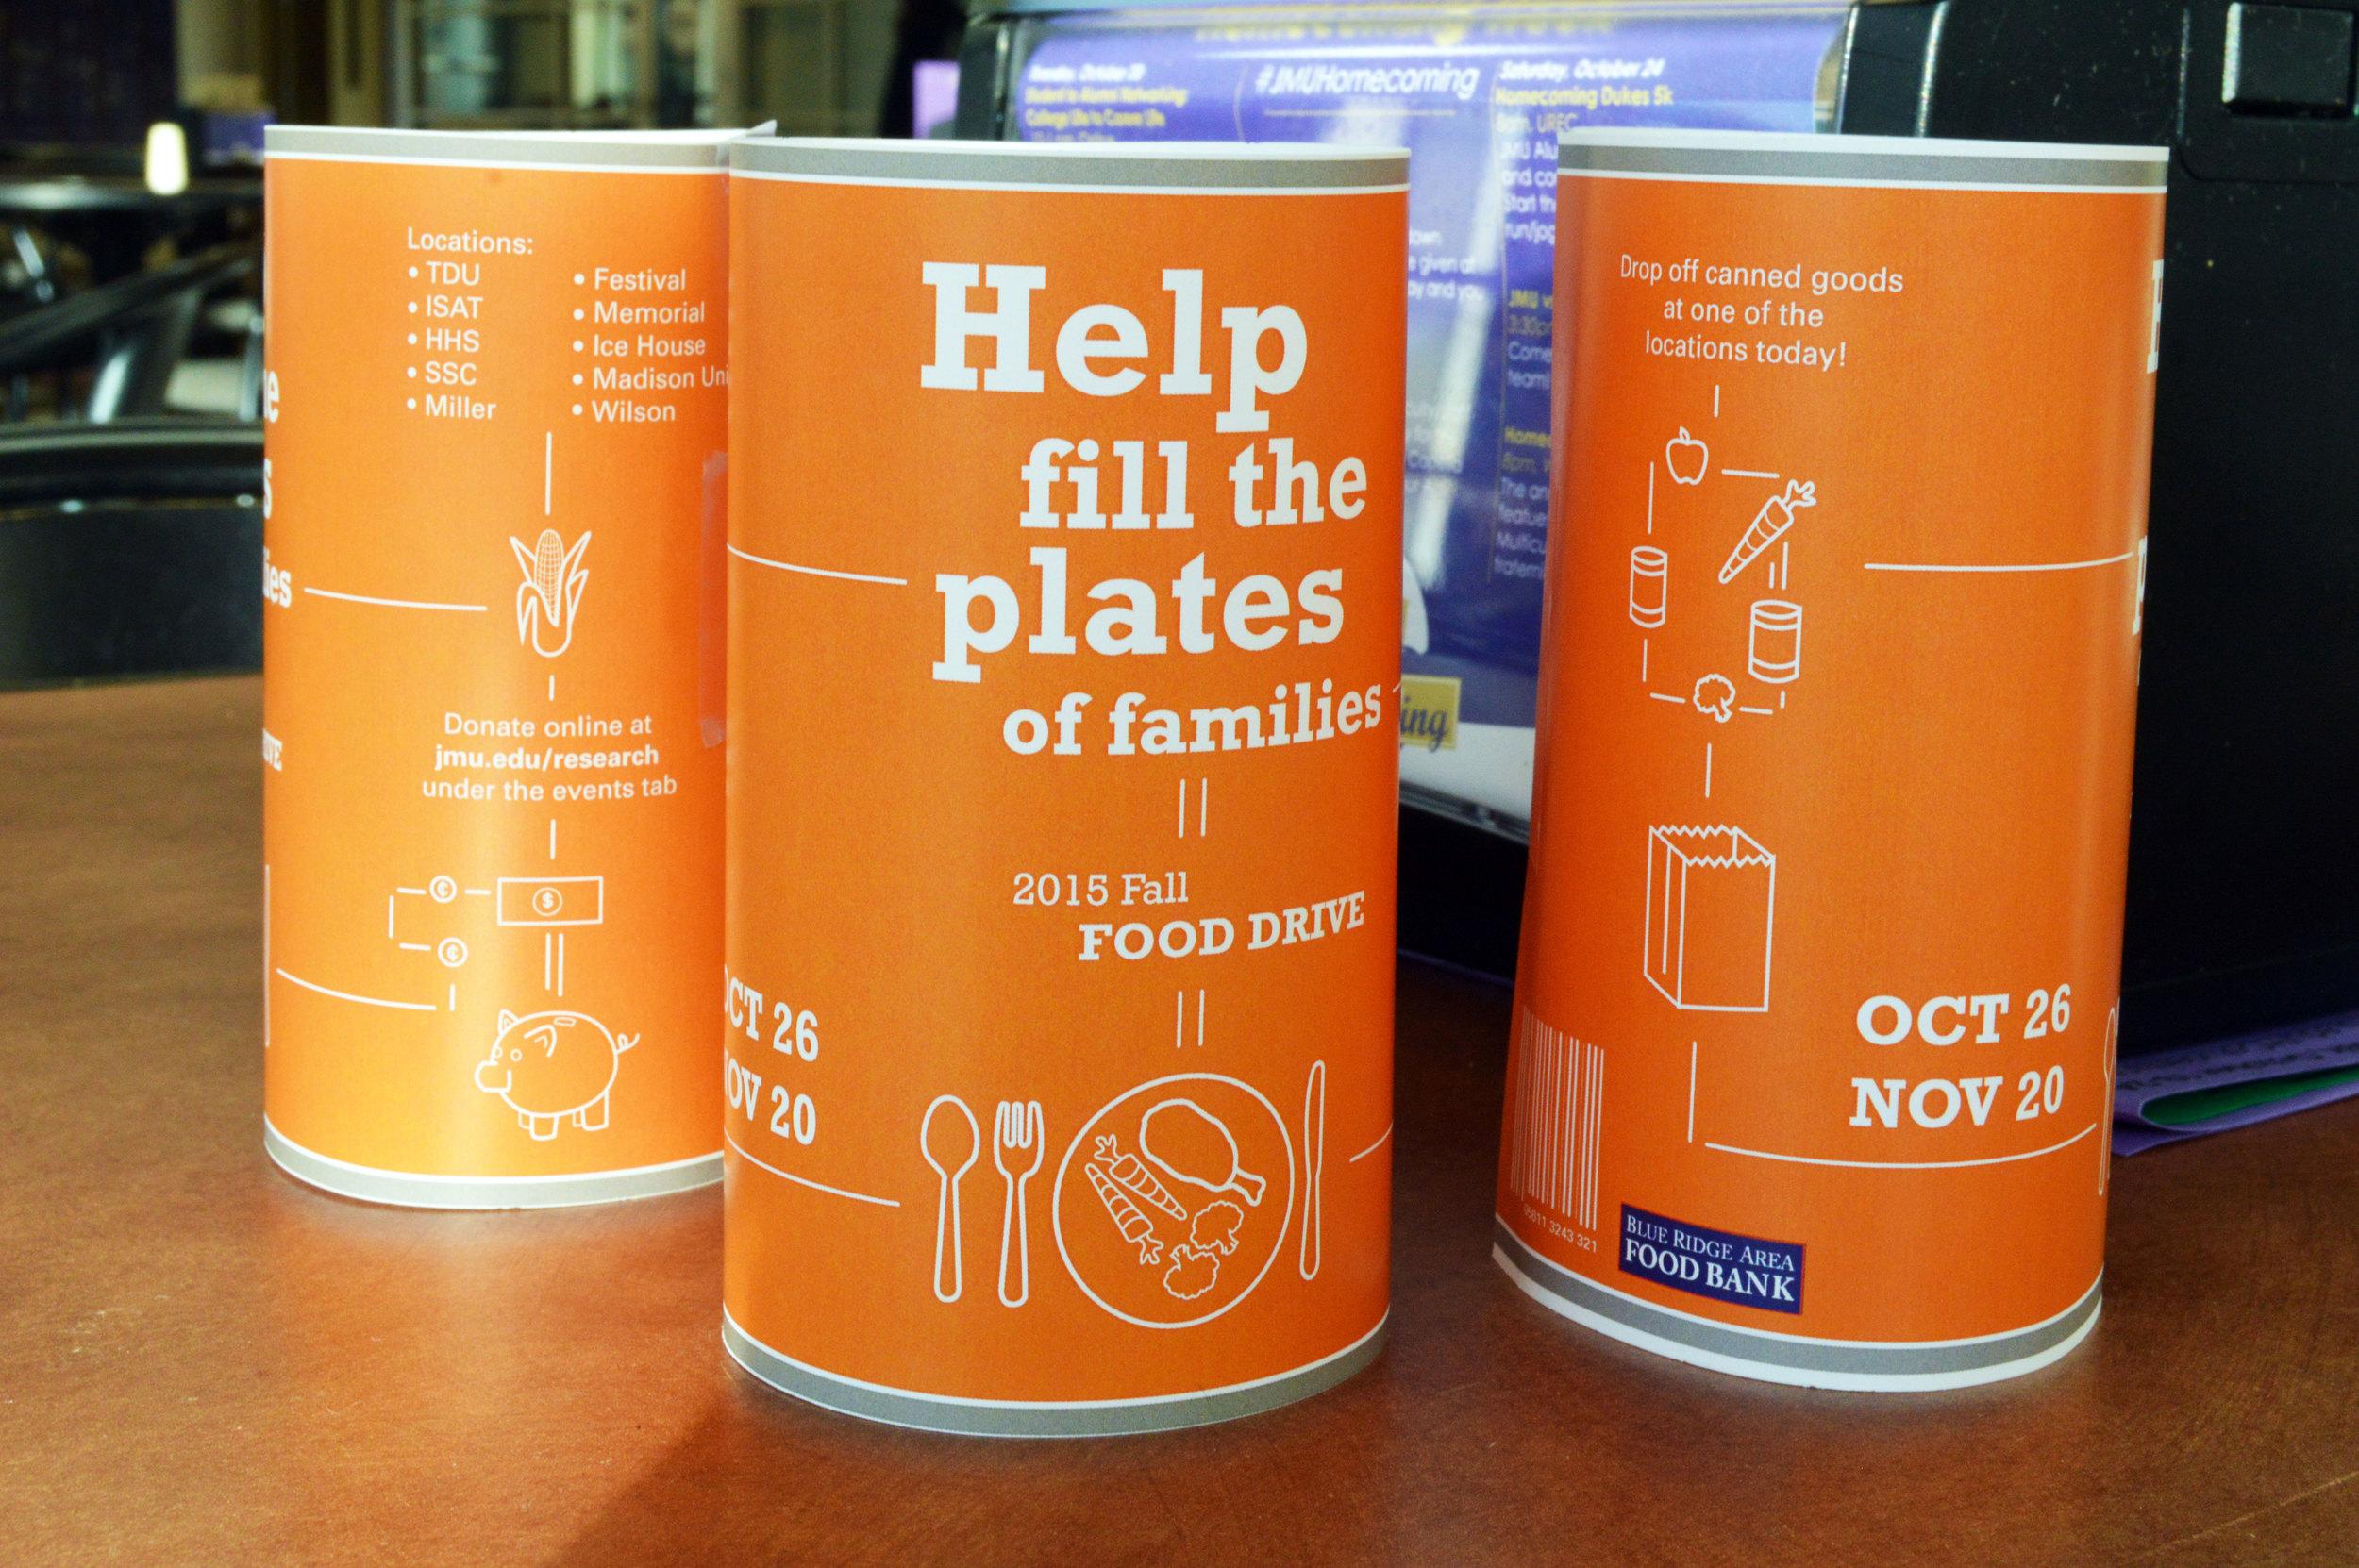 foodbankcans_tabletents